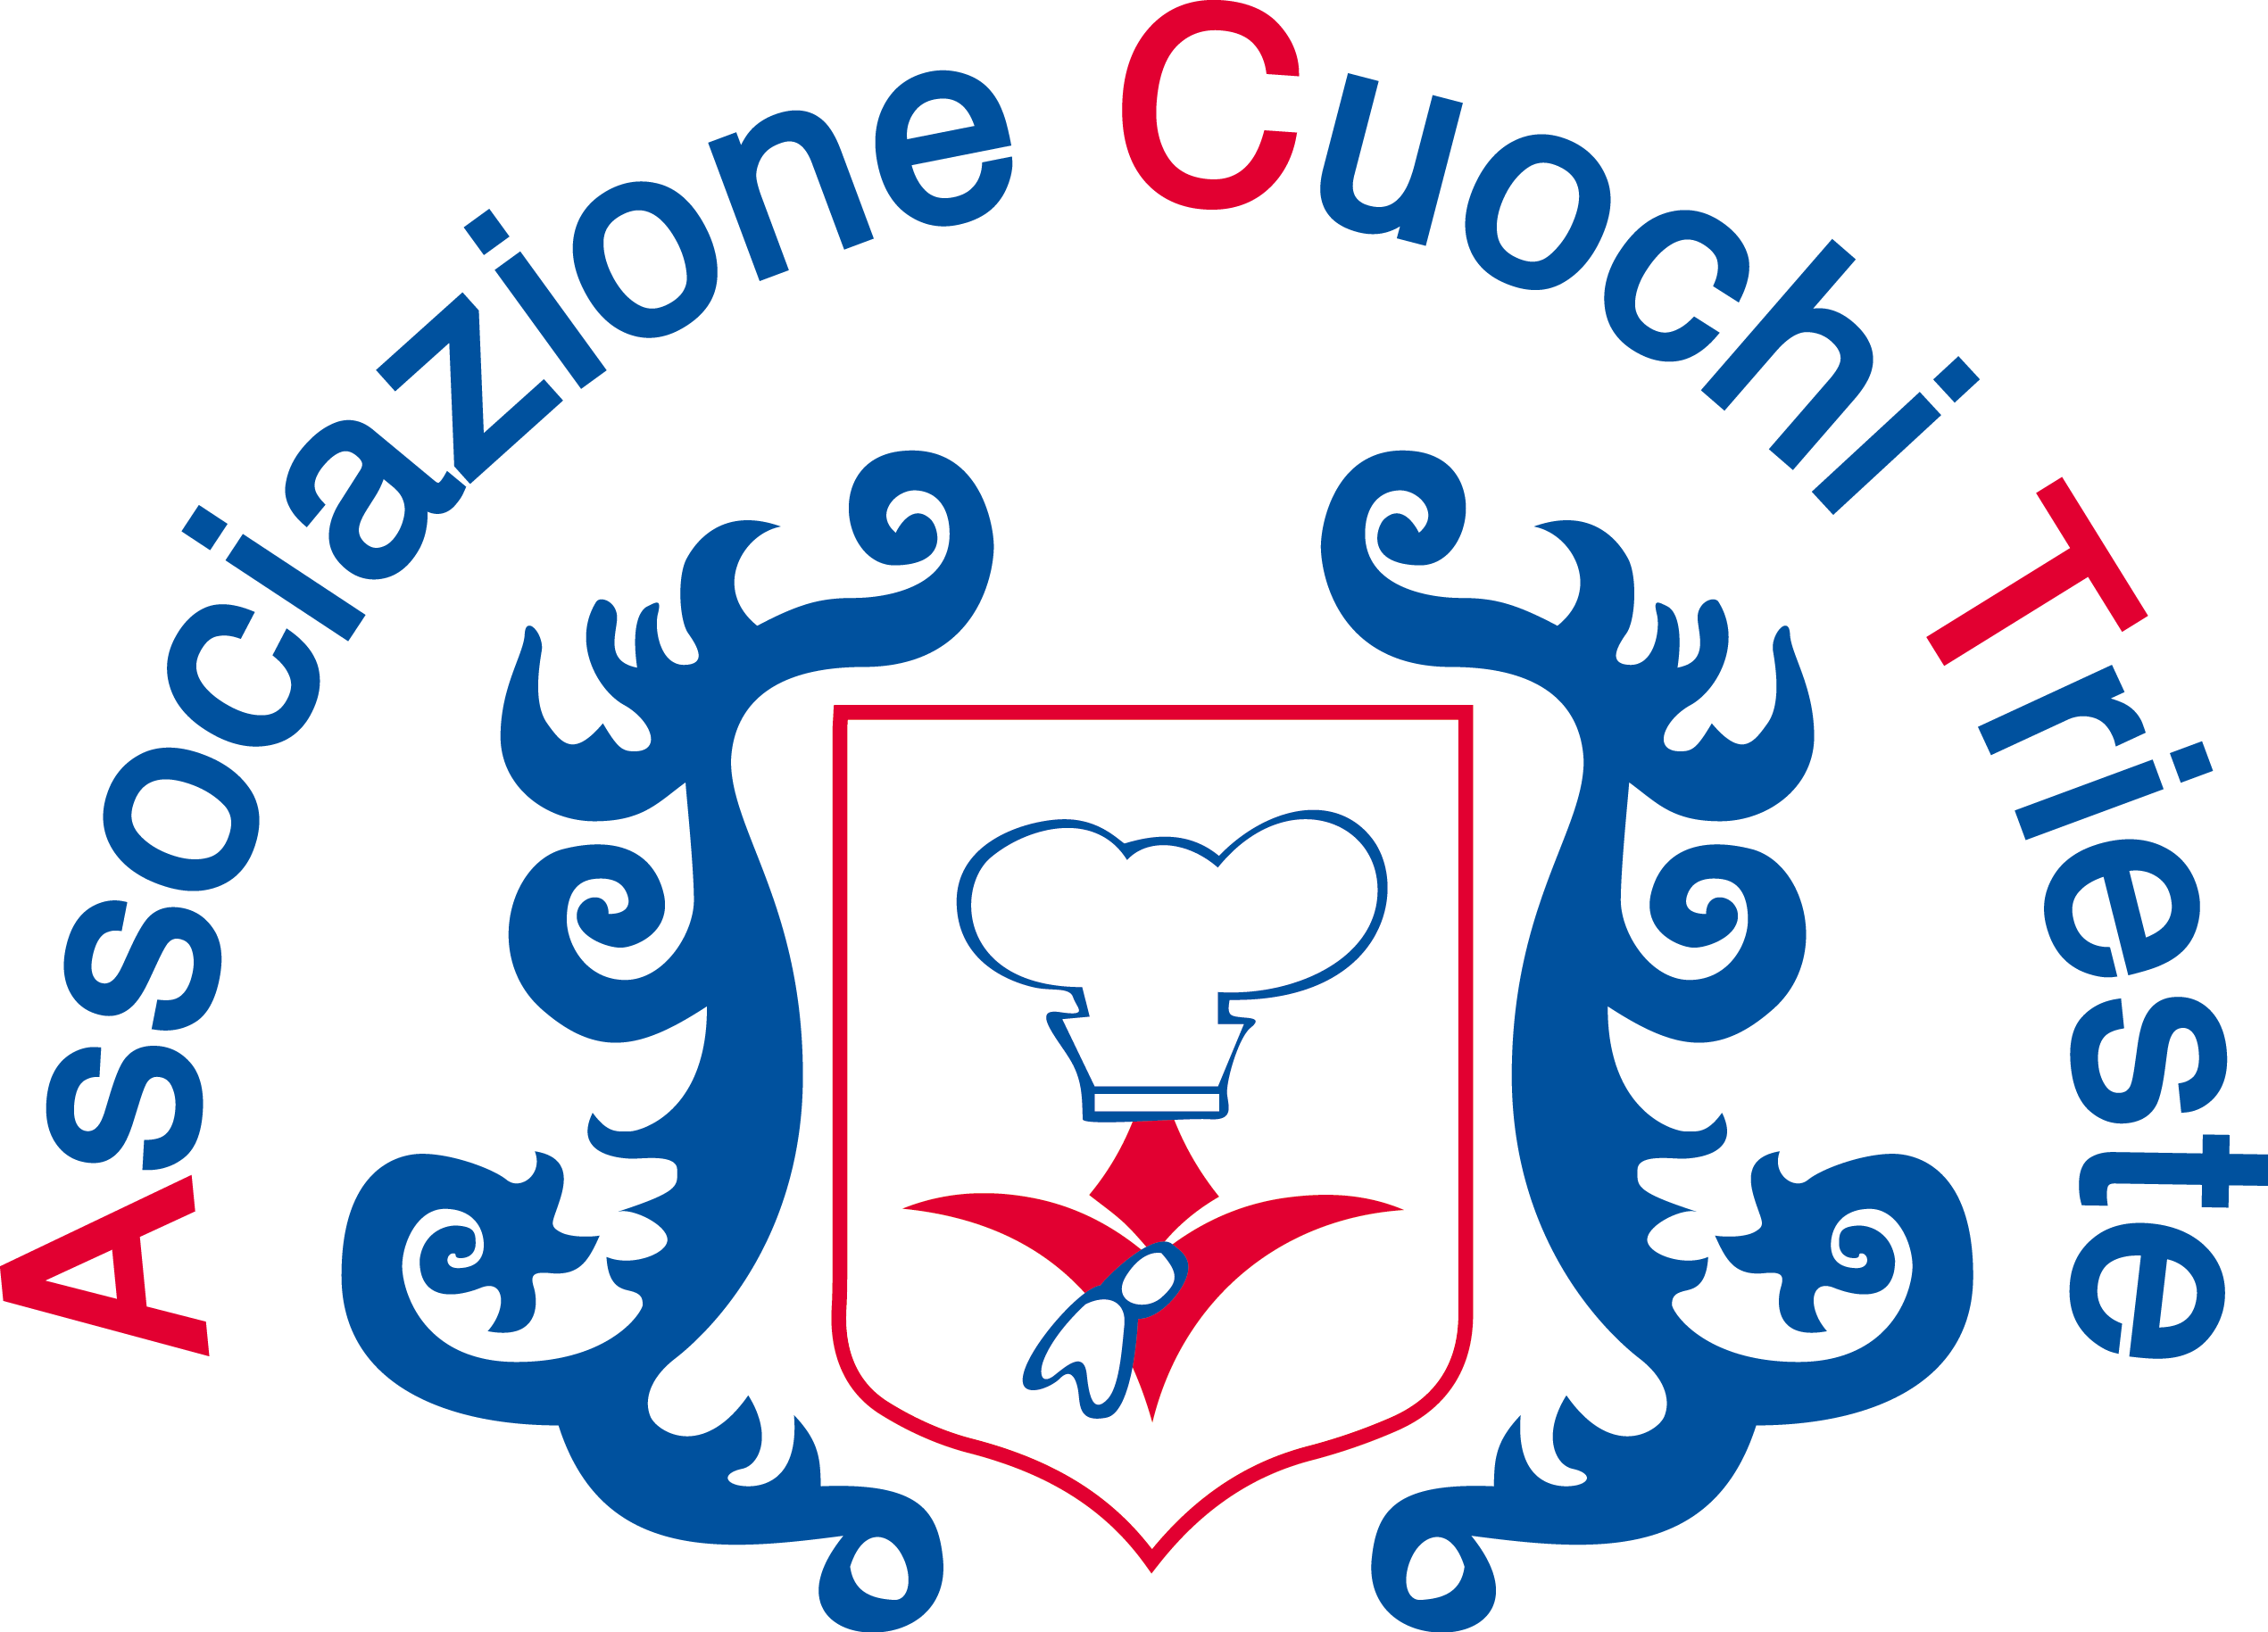 Associazione Cuochi Trieste